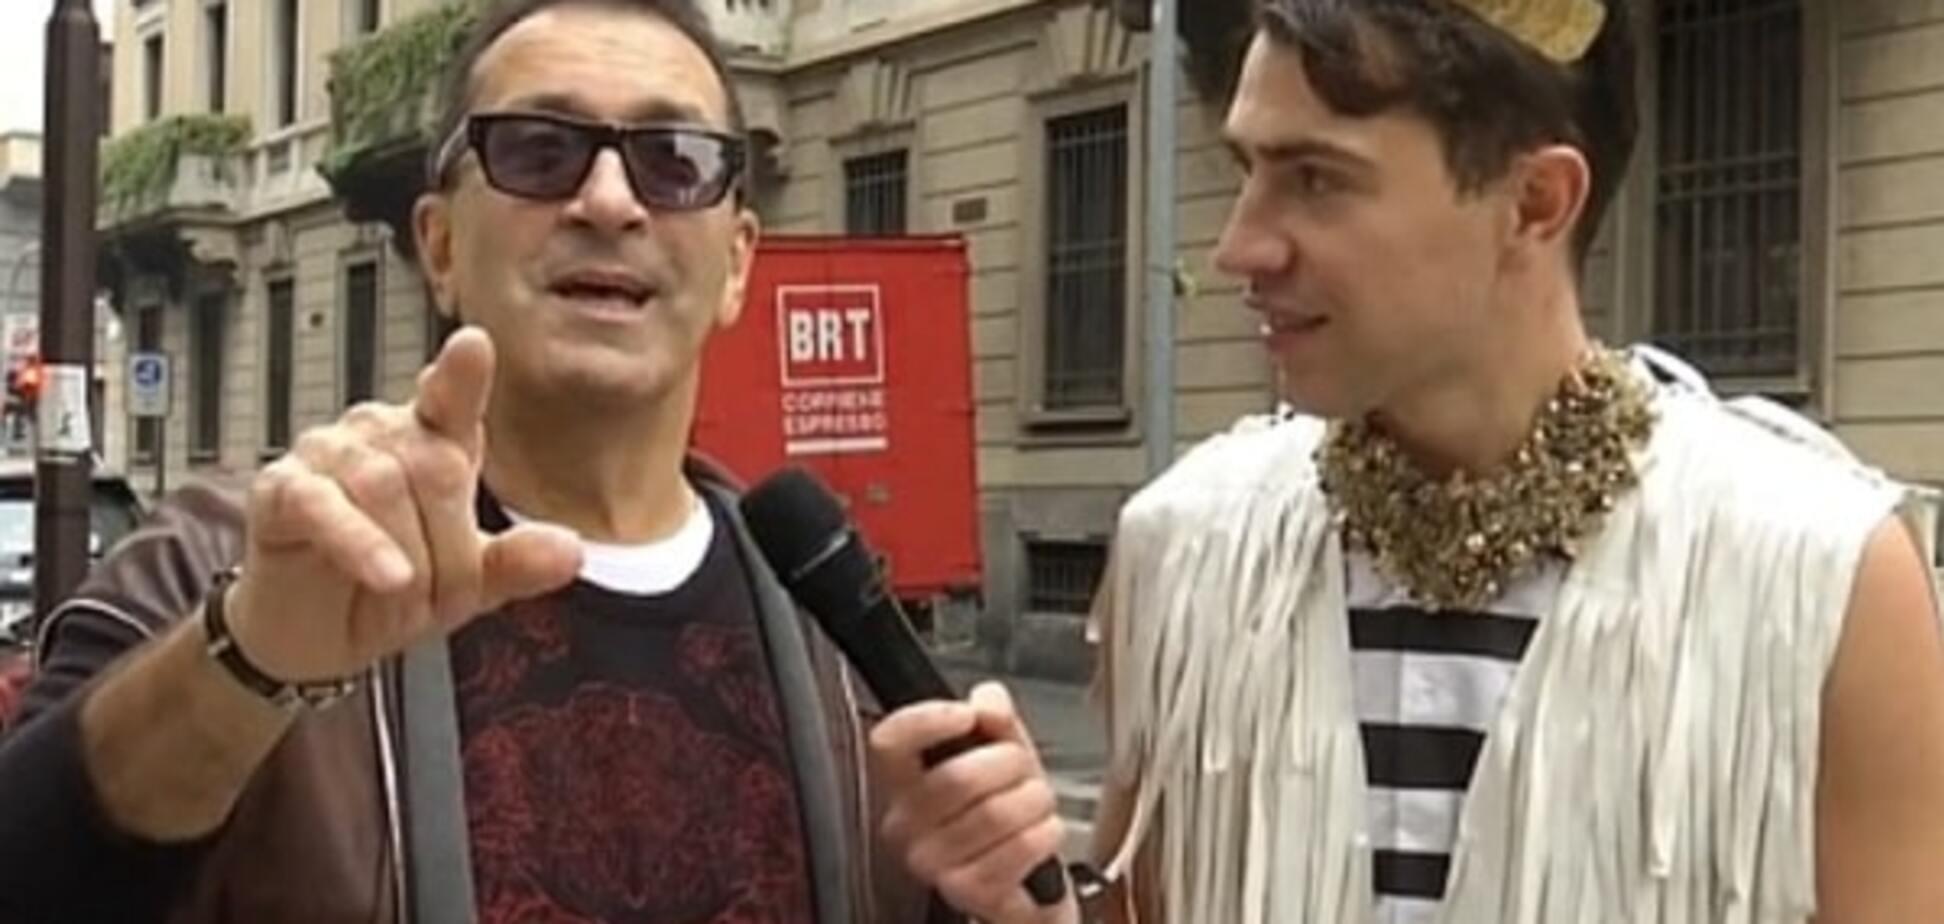 Украинский журналист спровоцировал Буйнова обратиться к Путину: опубликовано видео